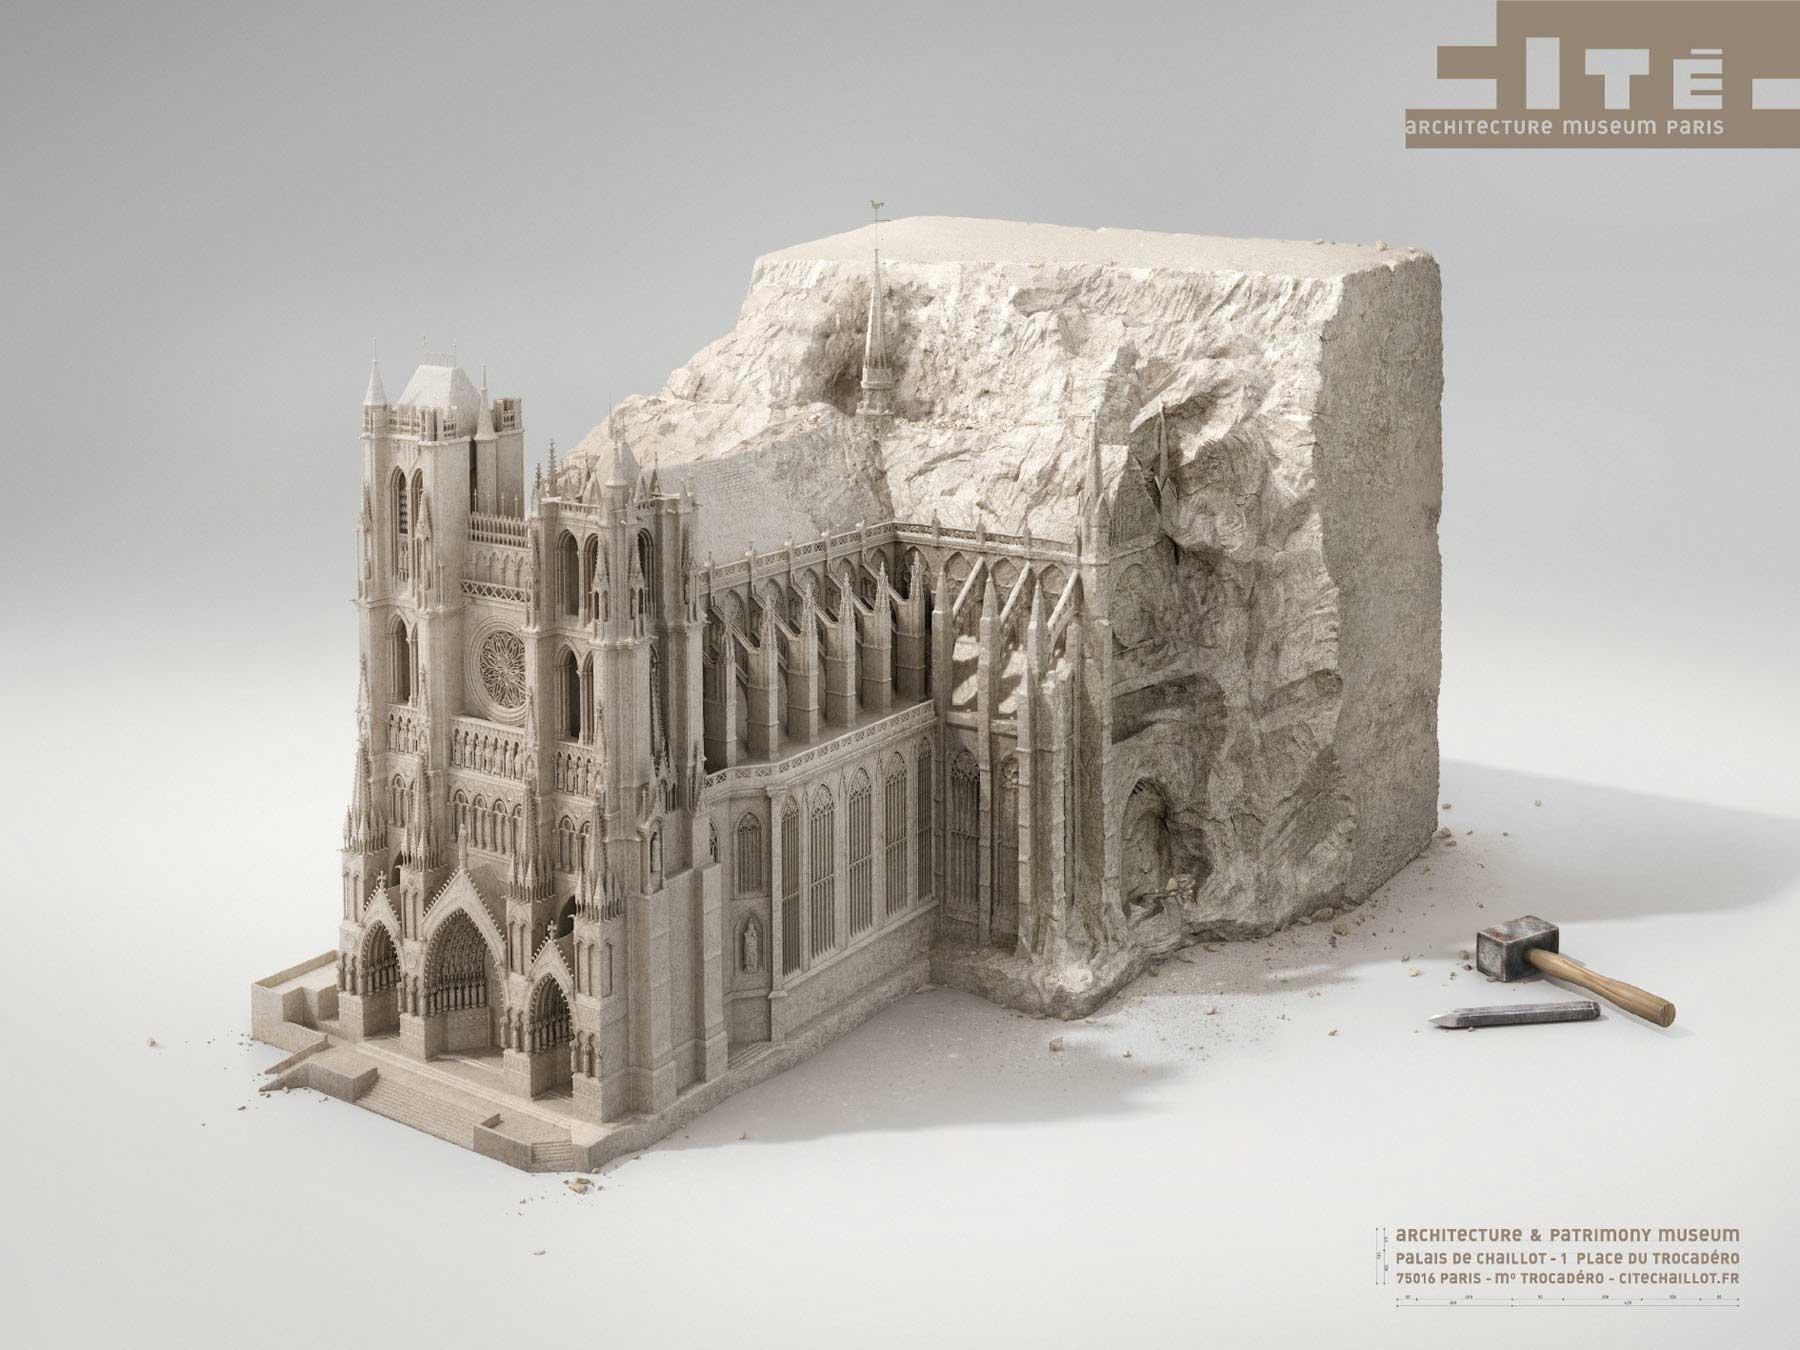 museo arquitectura paris